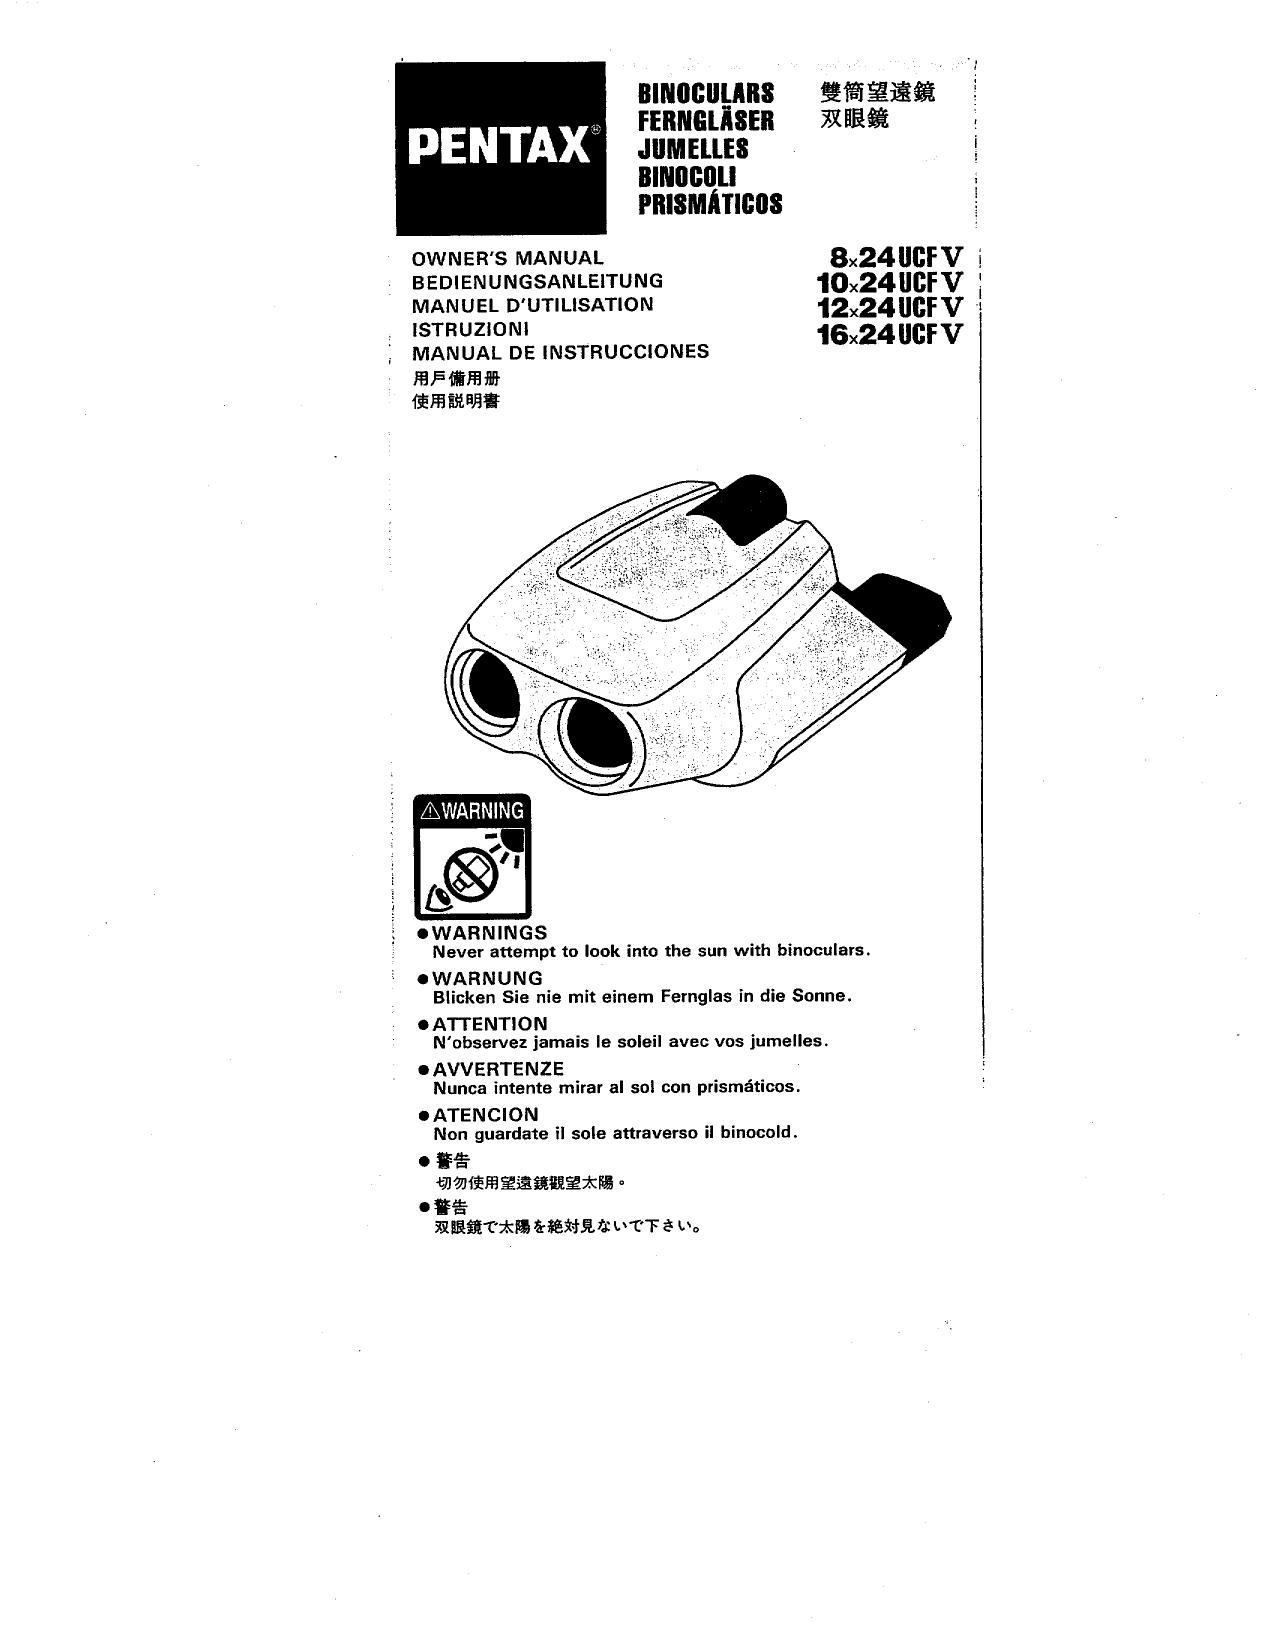 Download free pdf for Pentax UCF 10x24 Binocular manual